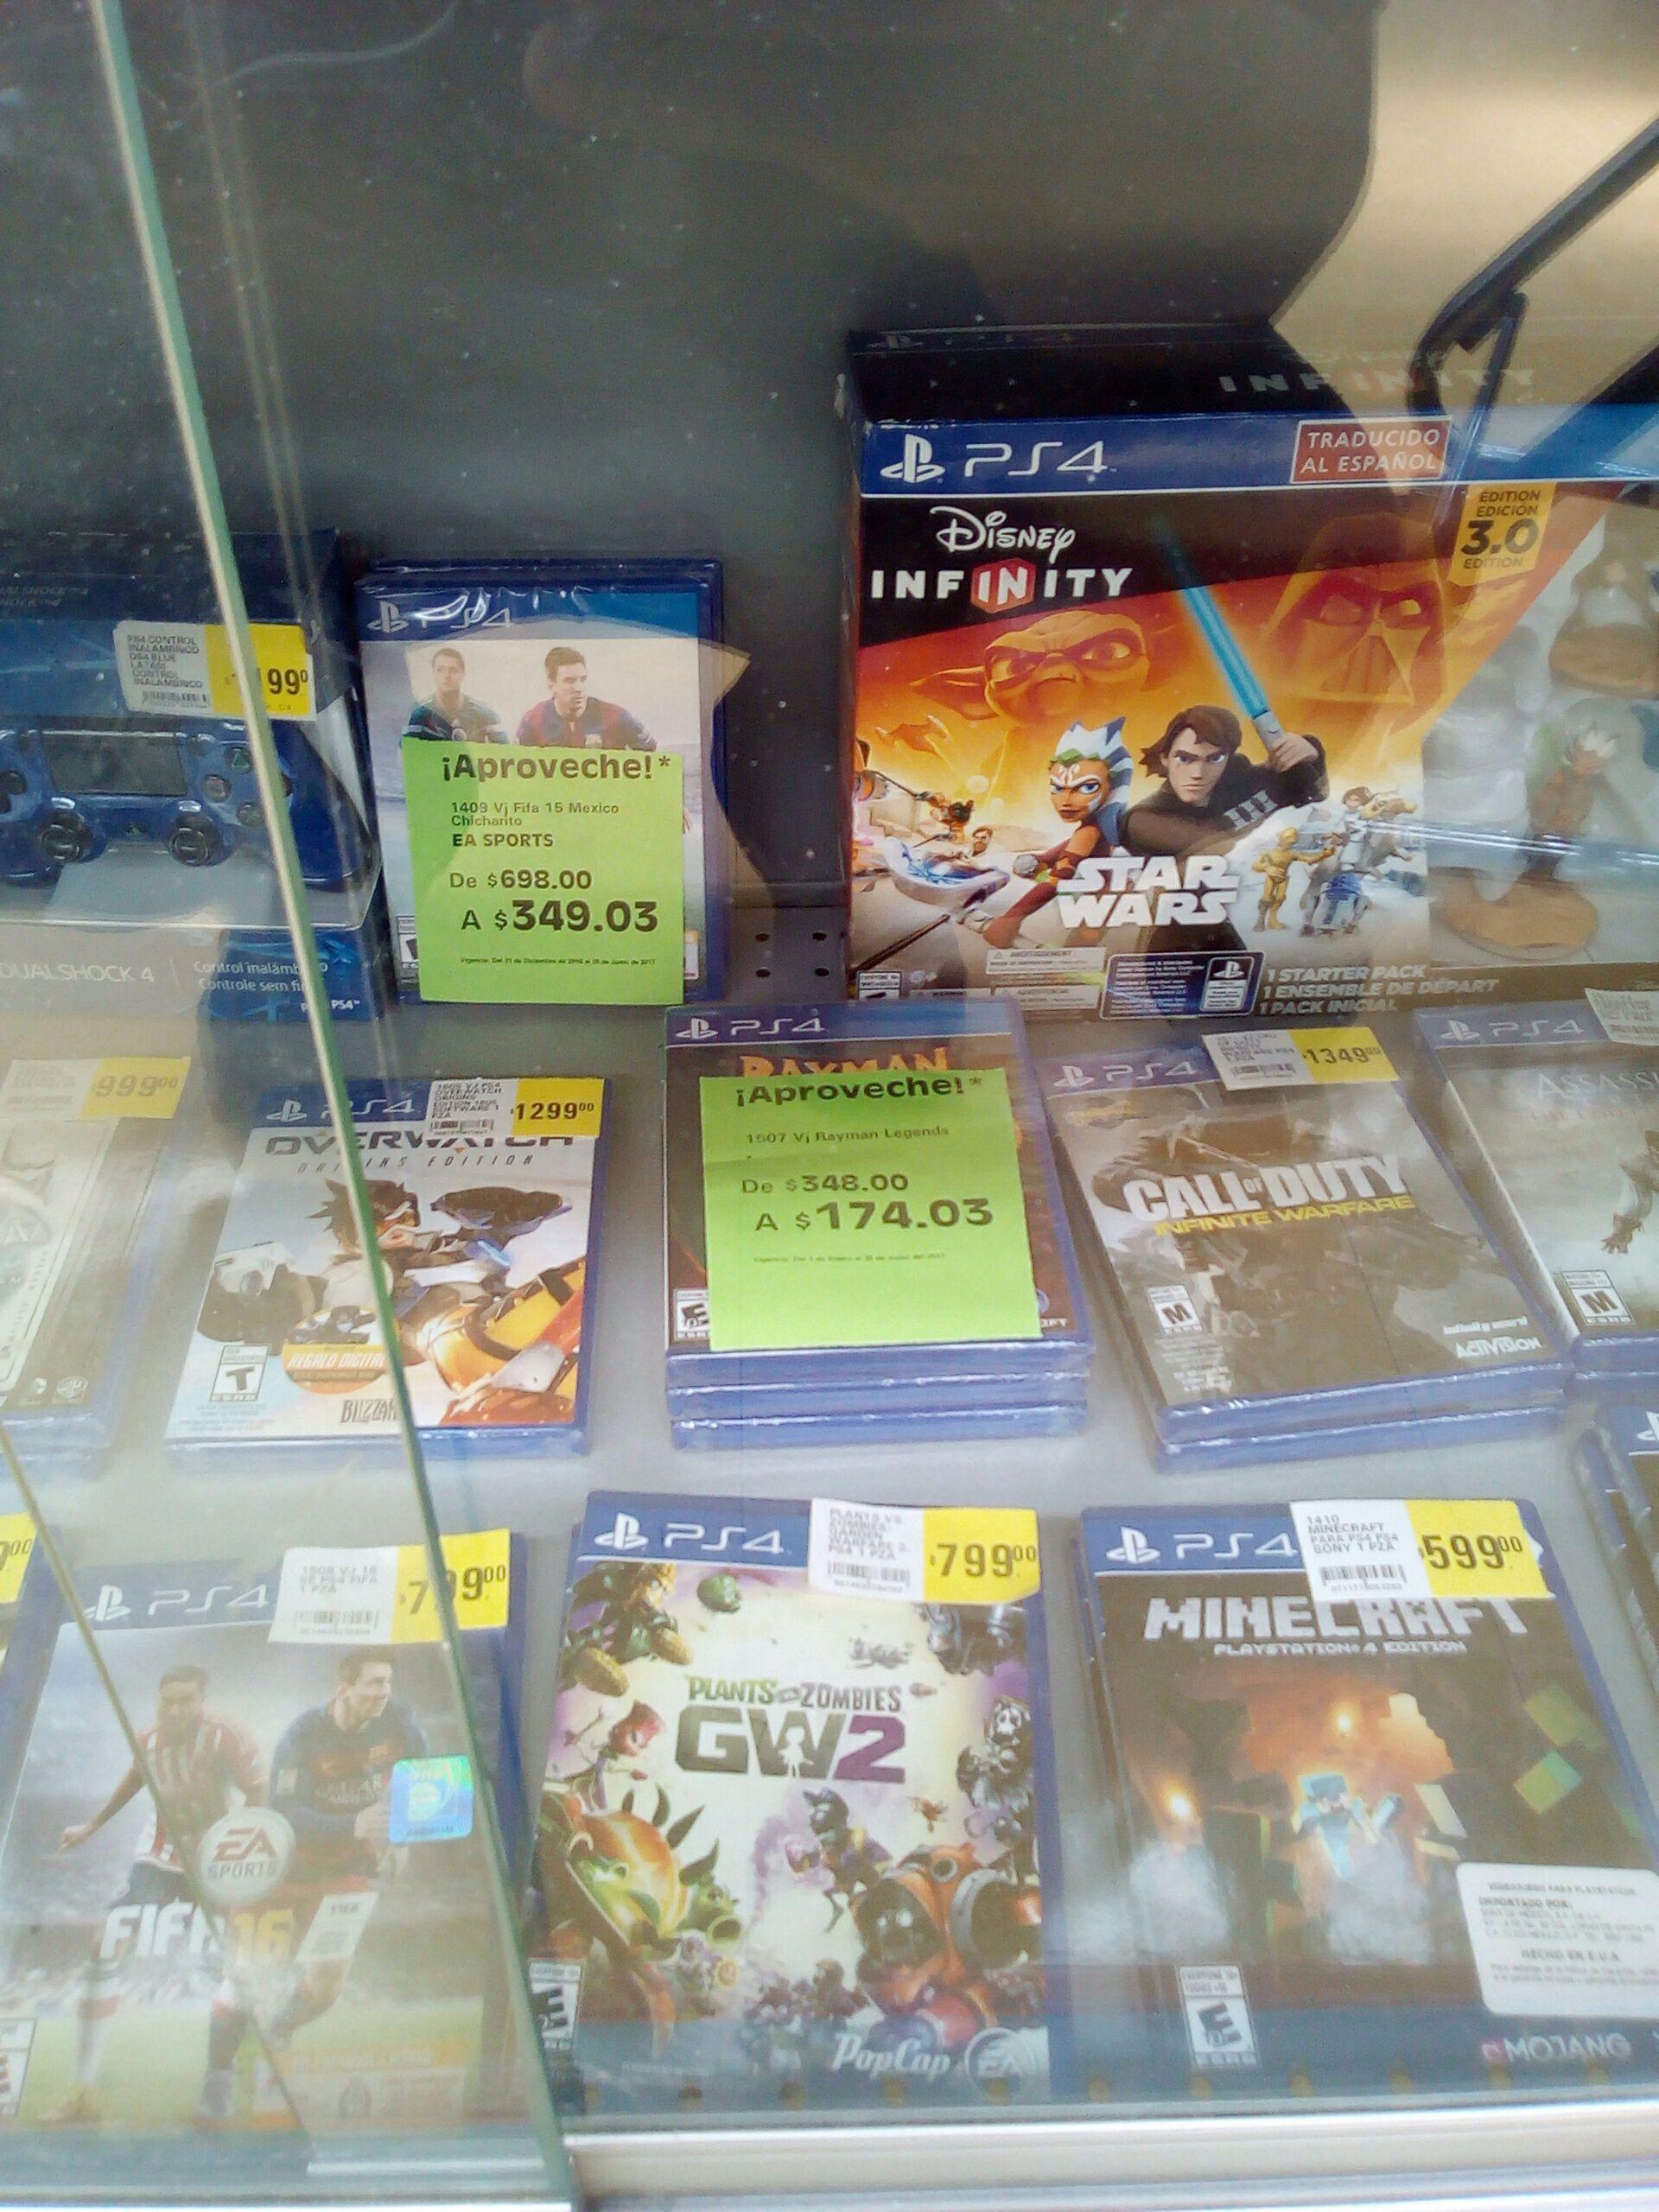 La Comer: Rayman Legends PS4